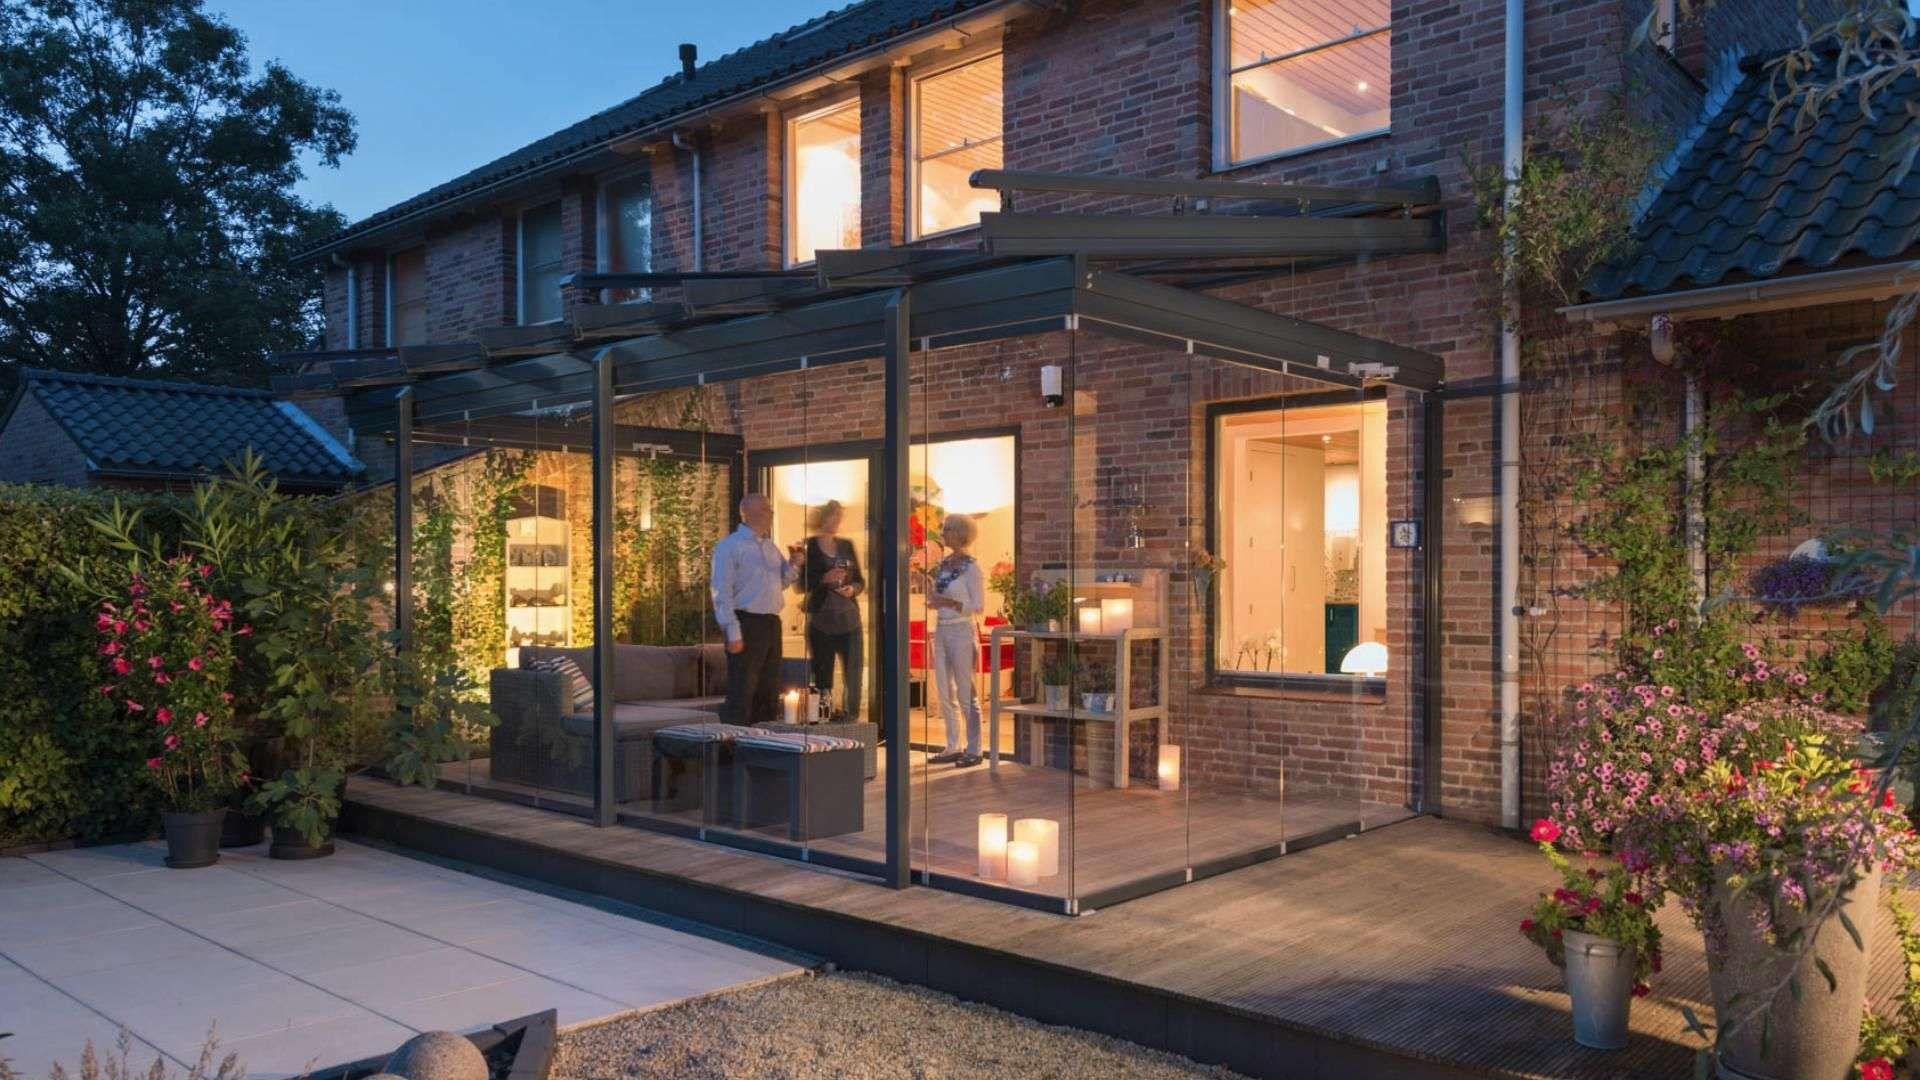 Solarlux SDL Atrium plus Terrassendach an einen Haus mit rotem Klinker bei Dämmerung. Unter dem Terrassendach stehen drei Personen.